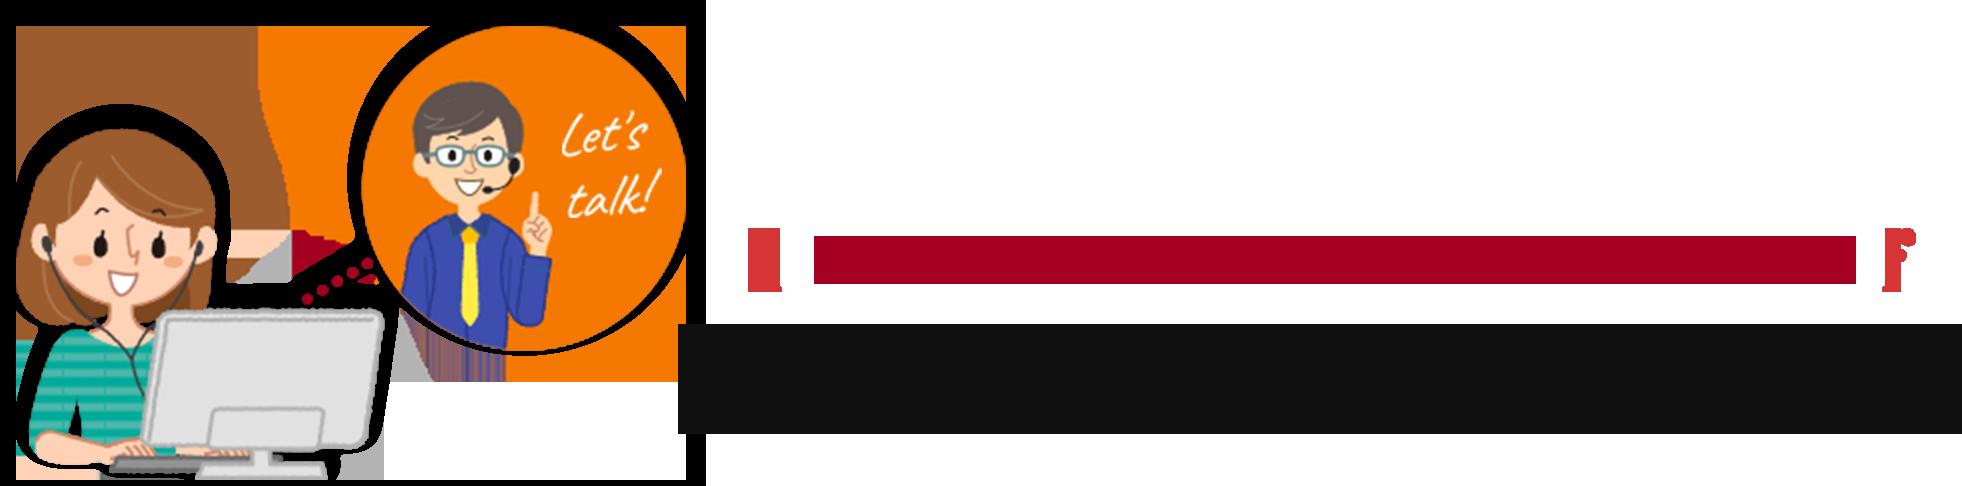 JSLN ยังมีบทเรียนภาษาญี่ปุ่นออนไลน์!